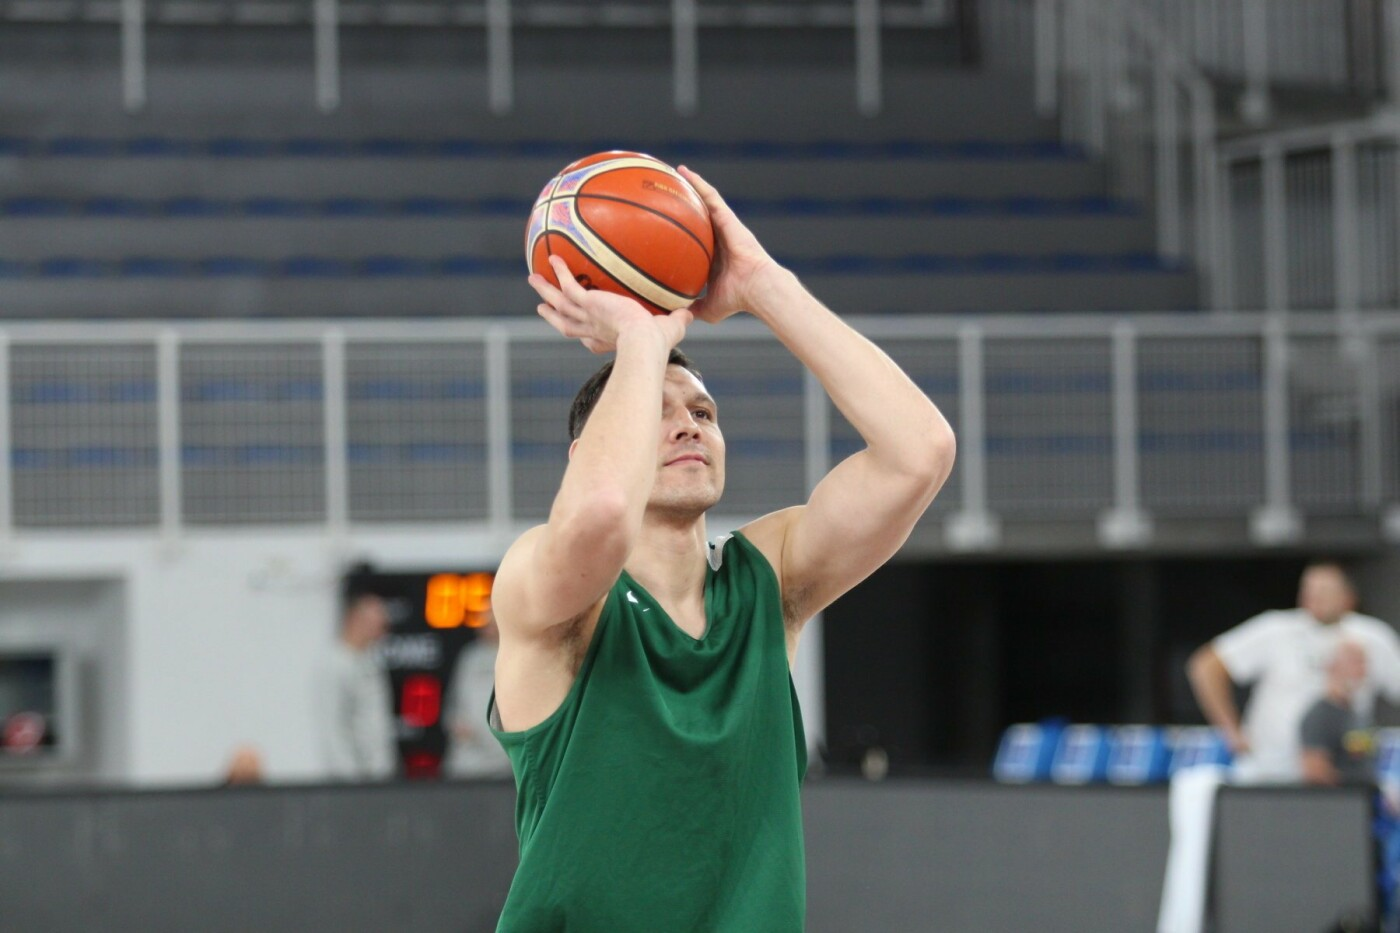 Lietuvos vyrų krepšinio rinktinė surengė vienintelę treniruotę Italijoje, nuotrauka-14